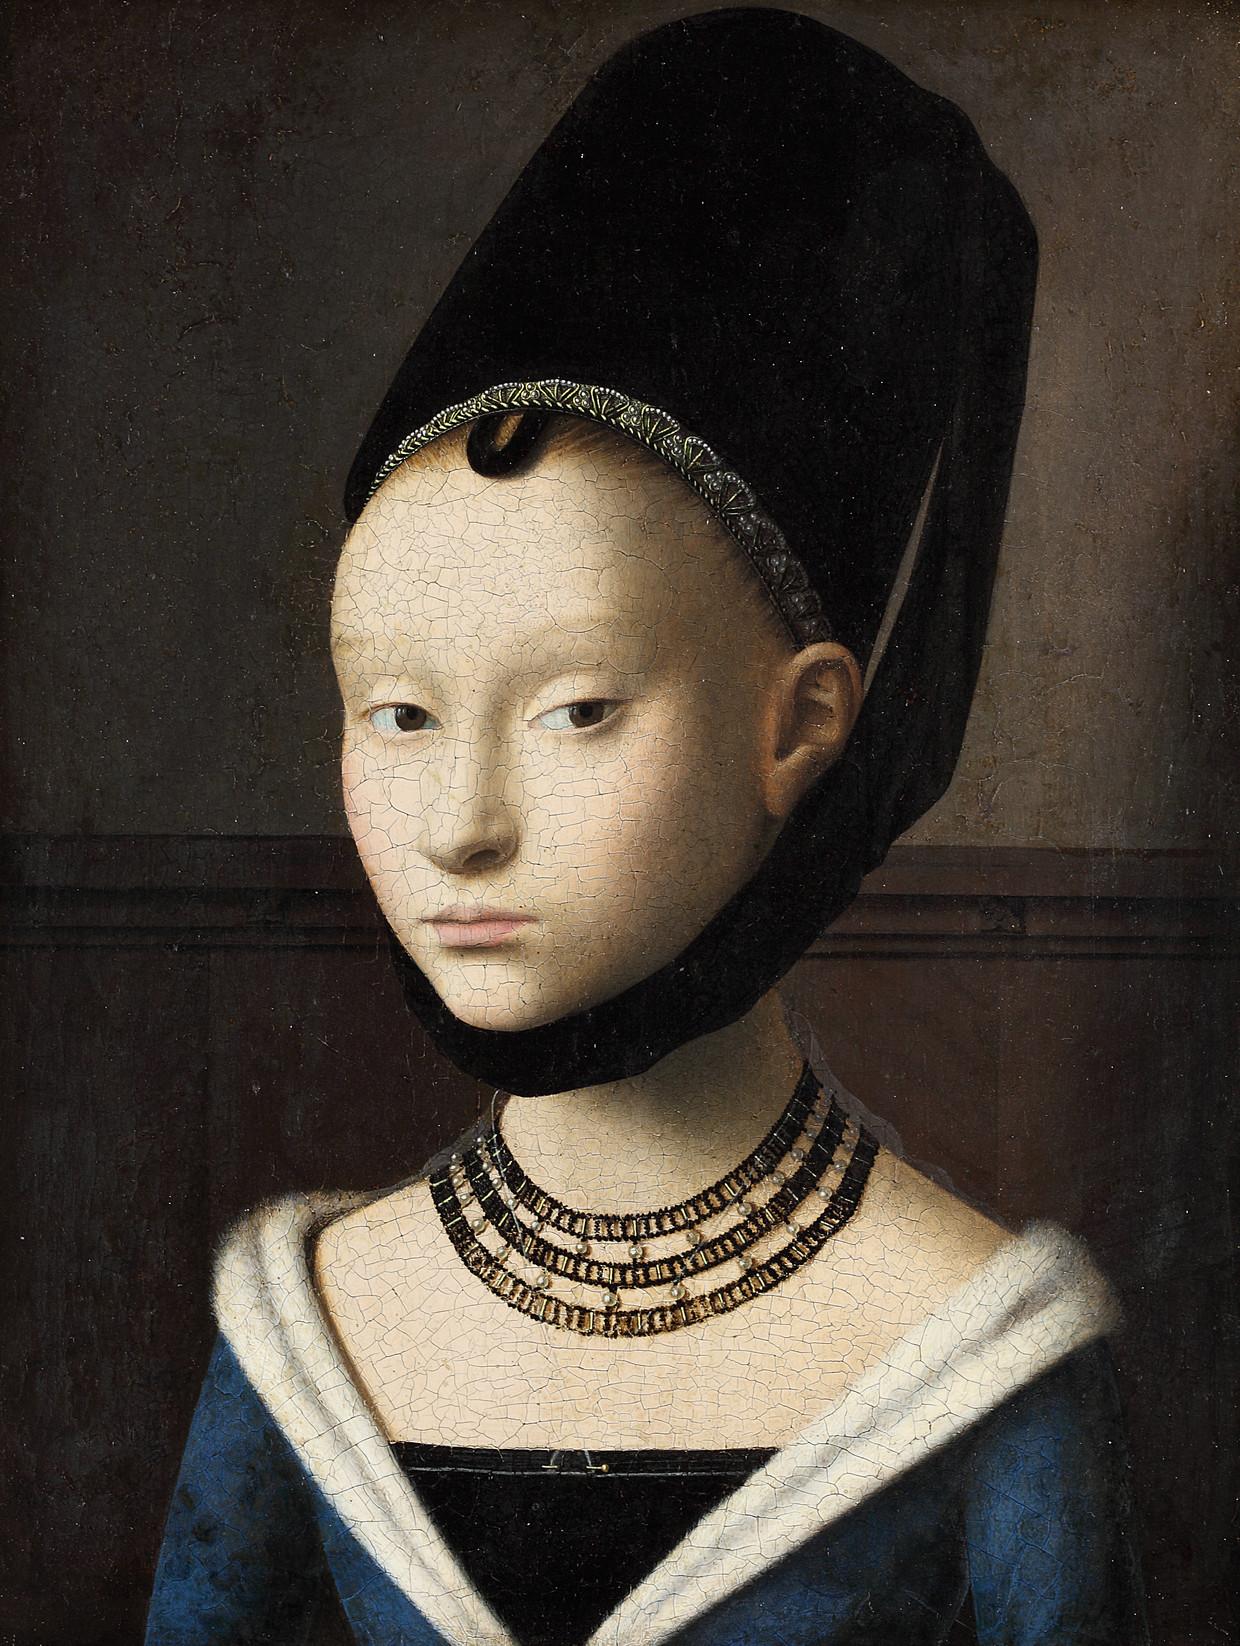 Petrus Christus, Portret van een jonge vrouw, ca. 1470. Gemäldegalerie der Staatlichen Museen zu Berlin. Beeld Gemäldegalerie der Staatlichen Museen zu Berlin